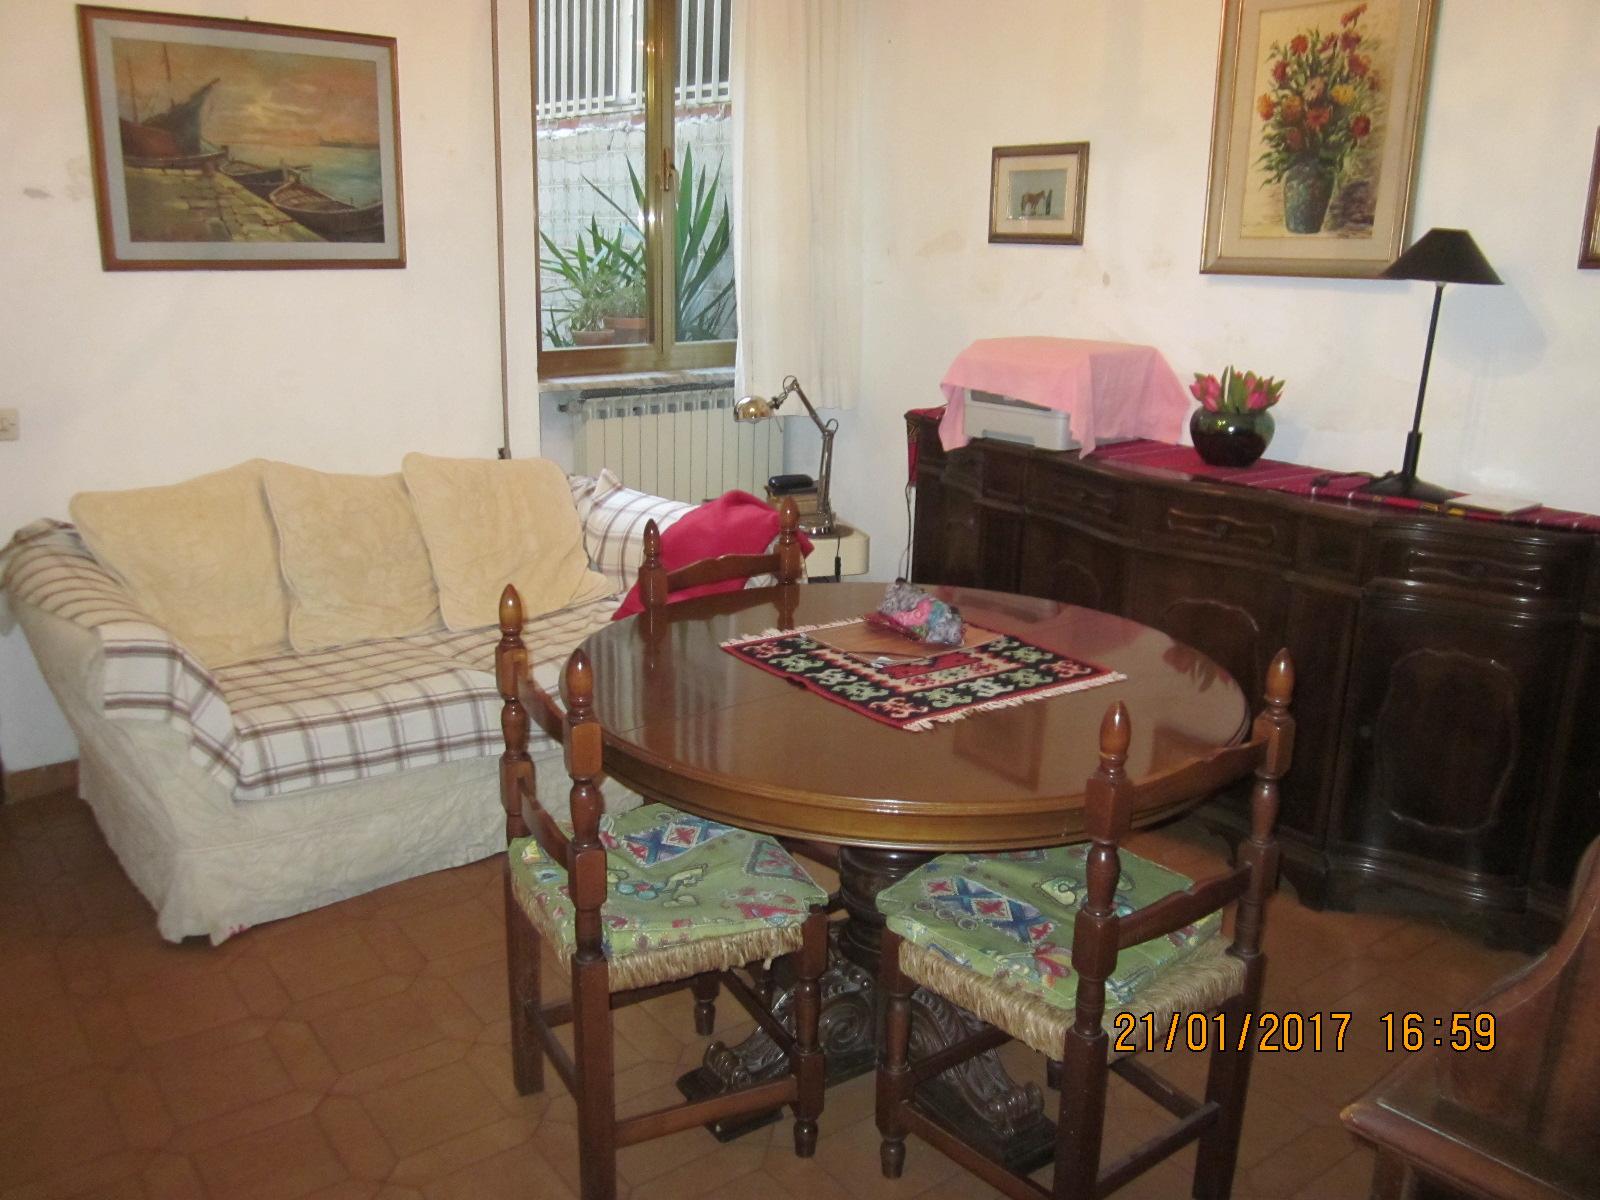 Soluzione Indipendente in vendita a Viareggio, 5 locali, zona Località: Centro, prezzo € 235.000 | CambioCasa.it